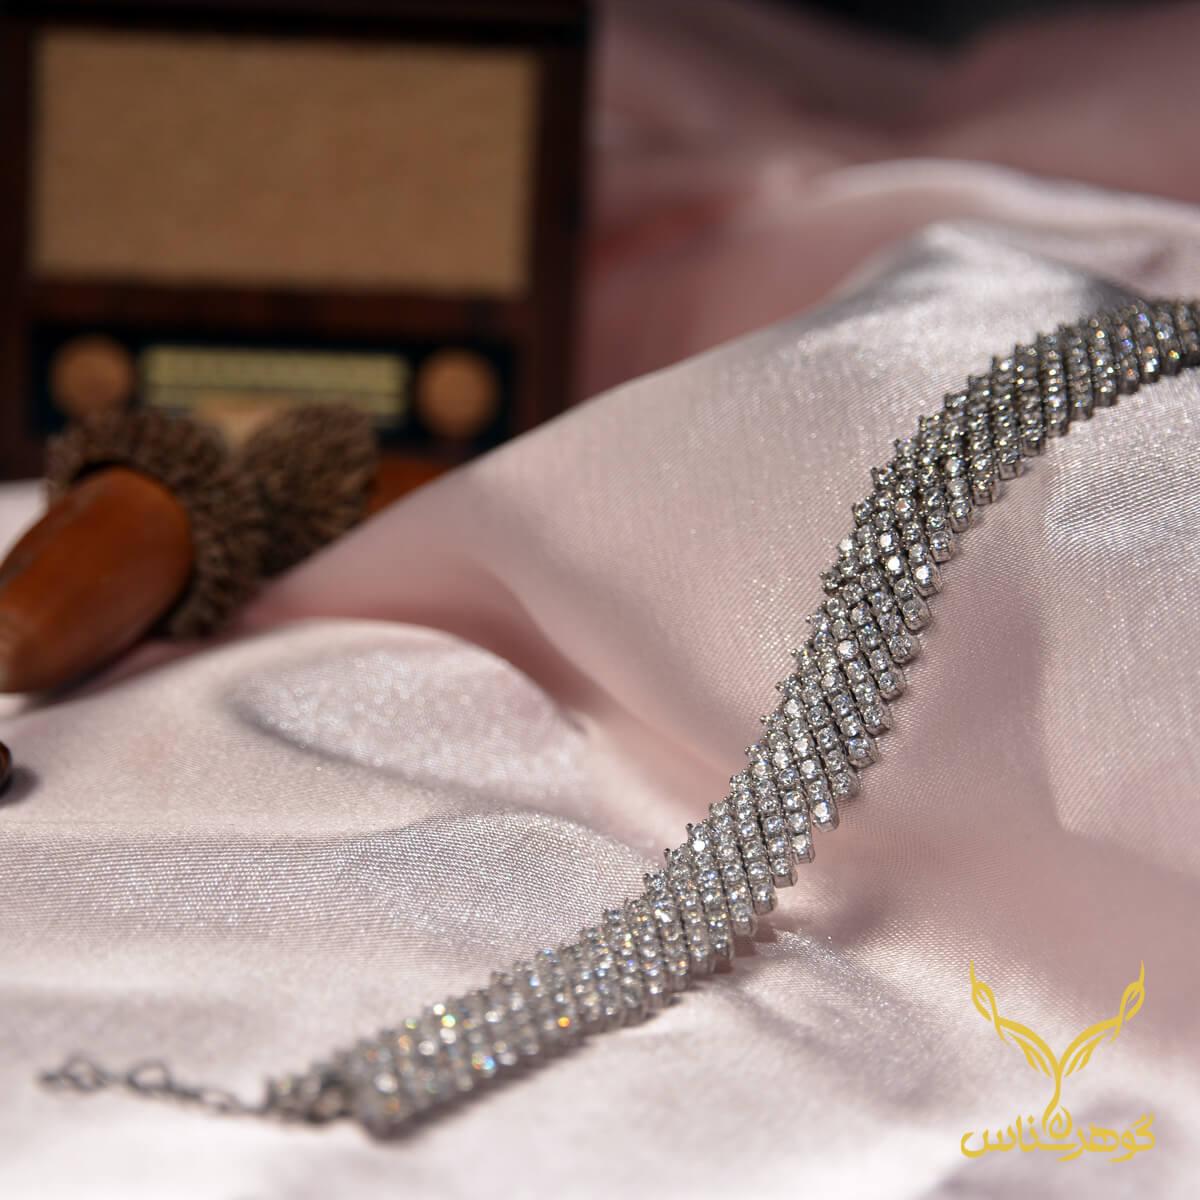 دستبند نقرهcc011 نقره اتمی زنانه طرح پوست ماری این دستبند با طراحی منحصر به فردی که دارد، تداعی کننده نرمی و لطافت پوست مار است و نگین های اتمی باکیفیتی که به خوبی بر روی آن مخراج شده ، درخشندگی بالایی دارد.